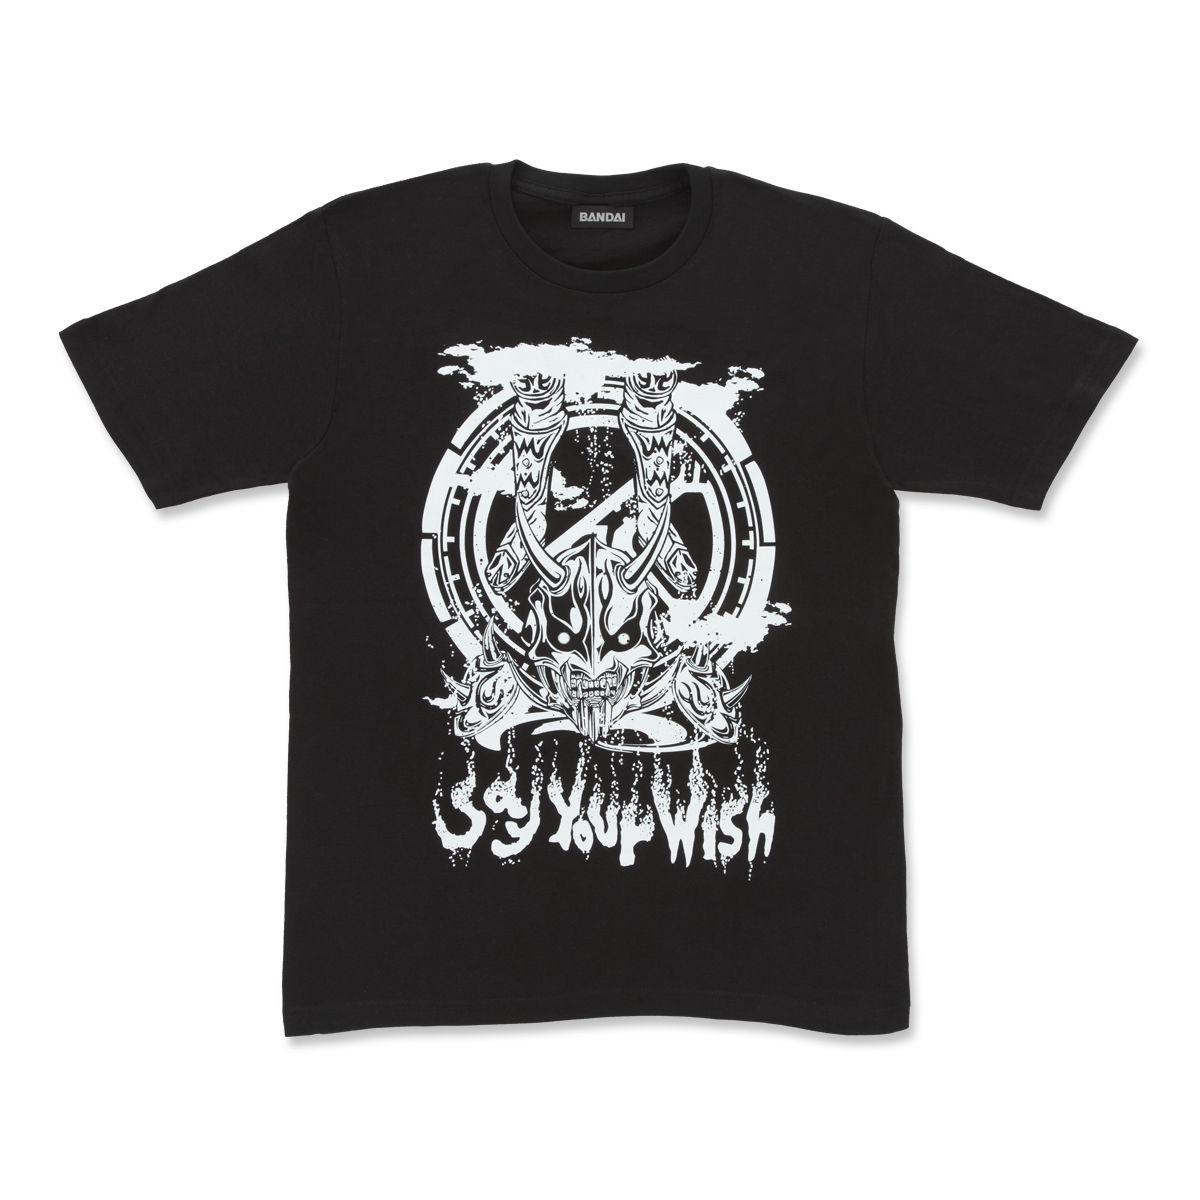 《幪面超人電王》未契約狀態的桃太洛斯 T-SHIRT  feat.STUDIO696